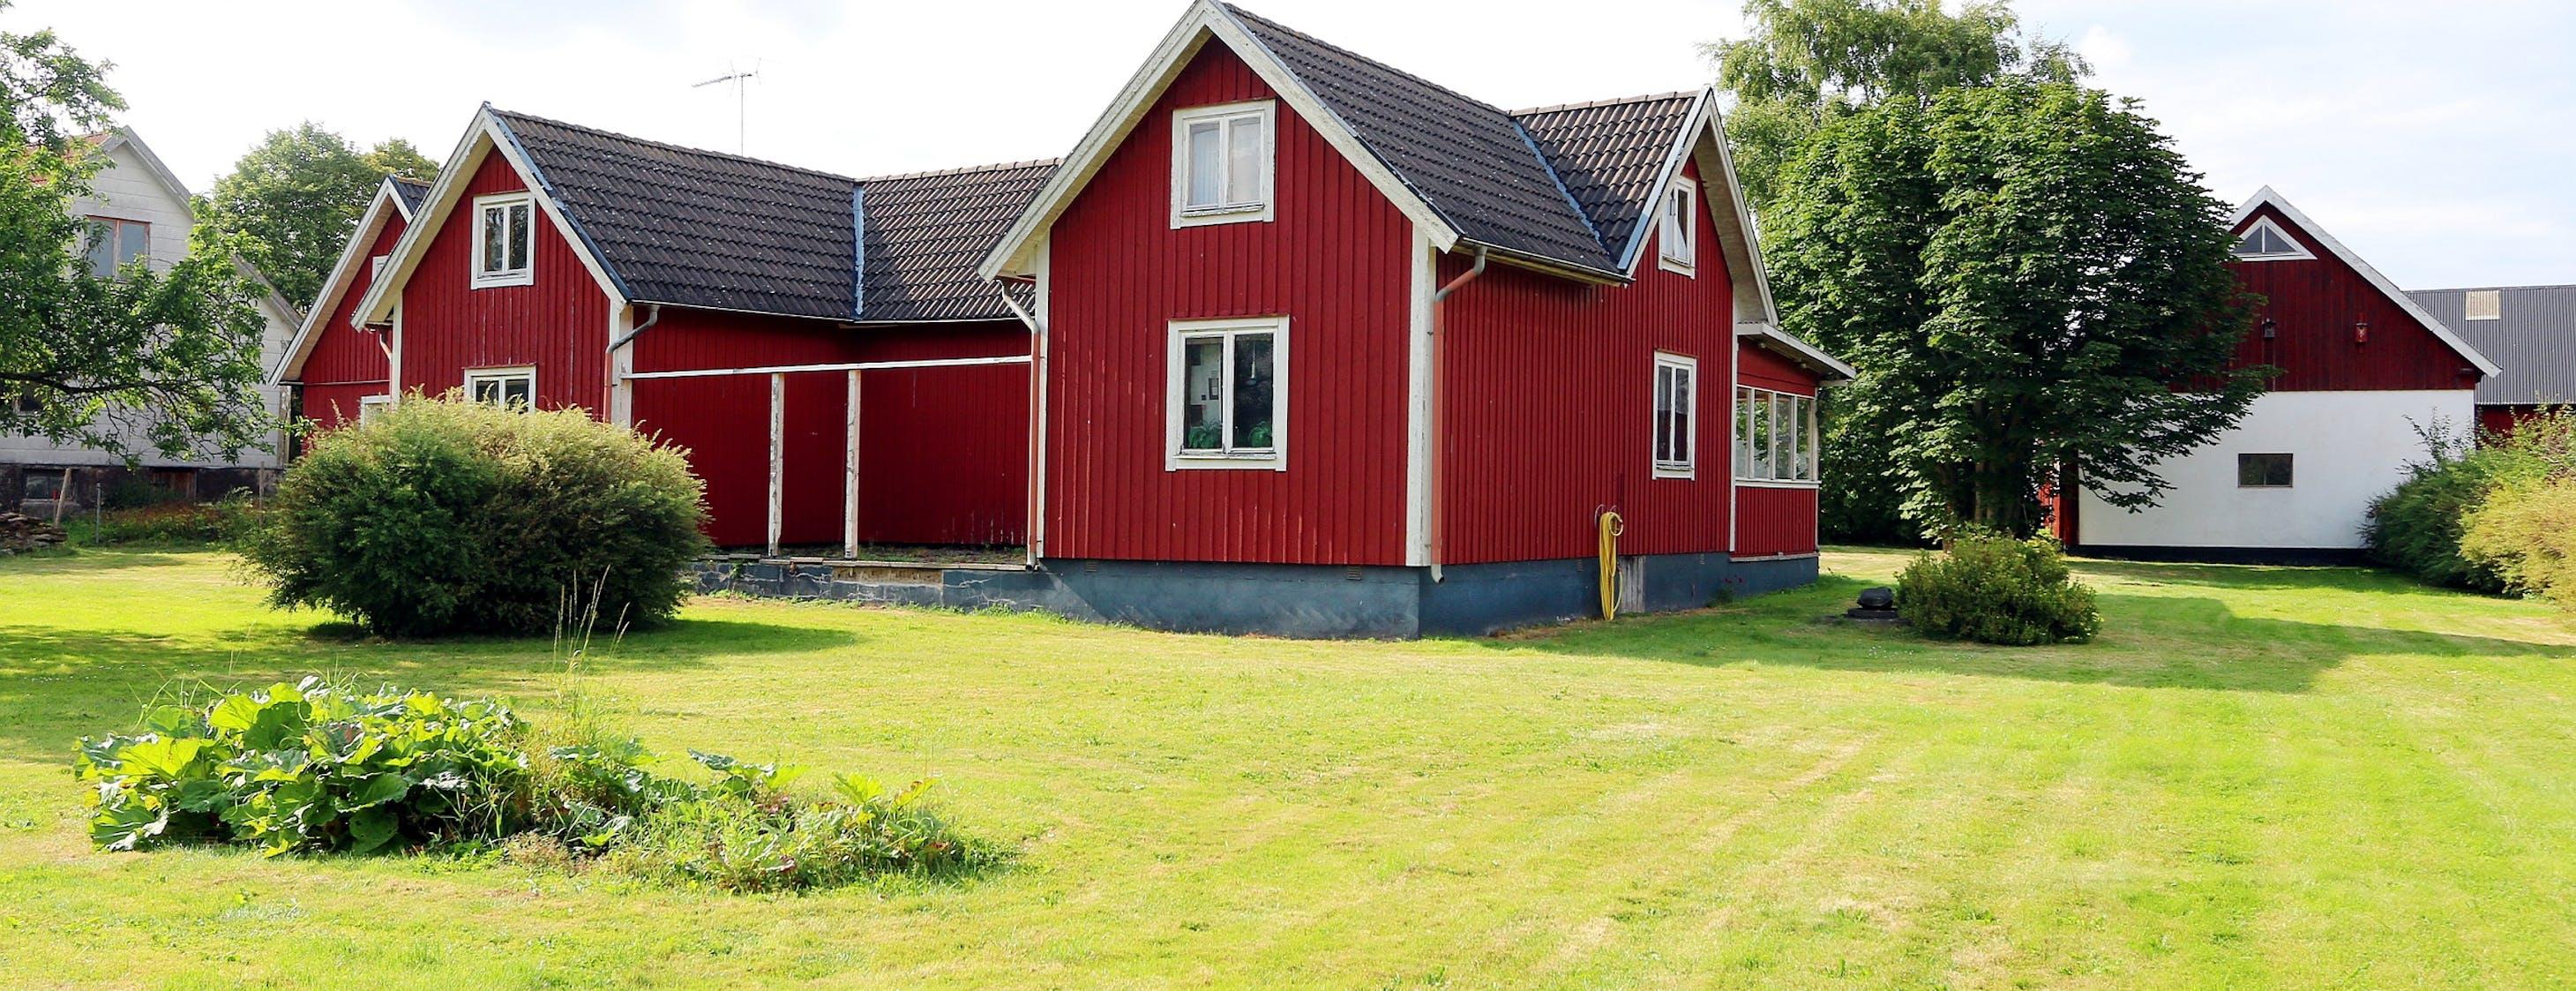 Kålhagsgatan 2 Tomteby